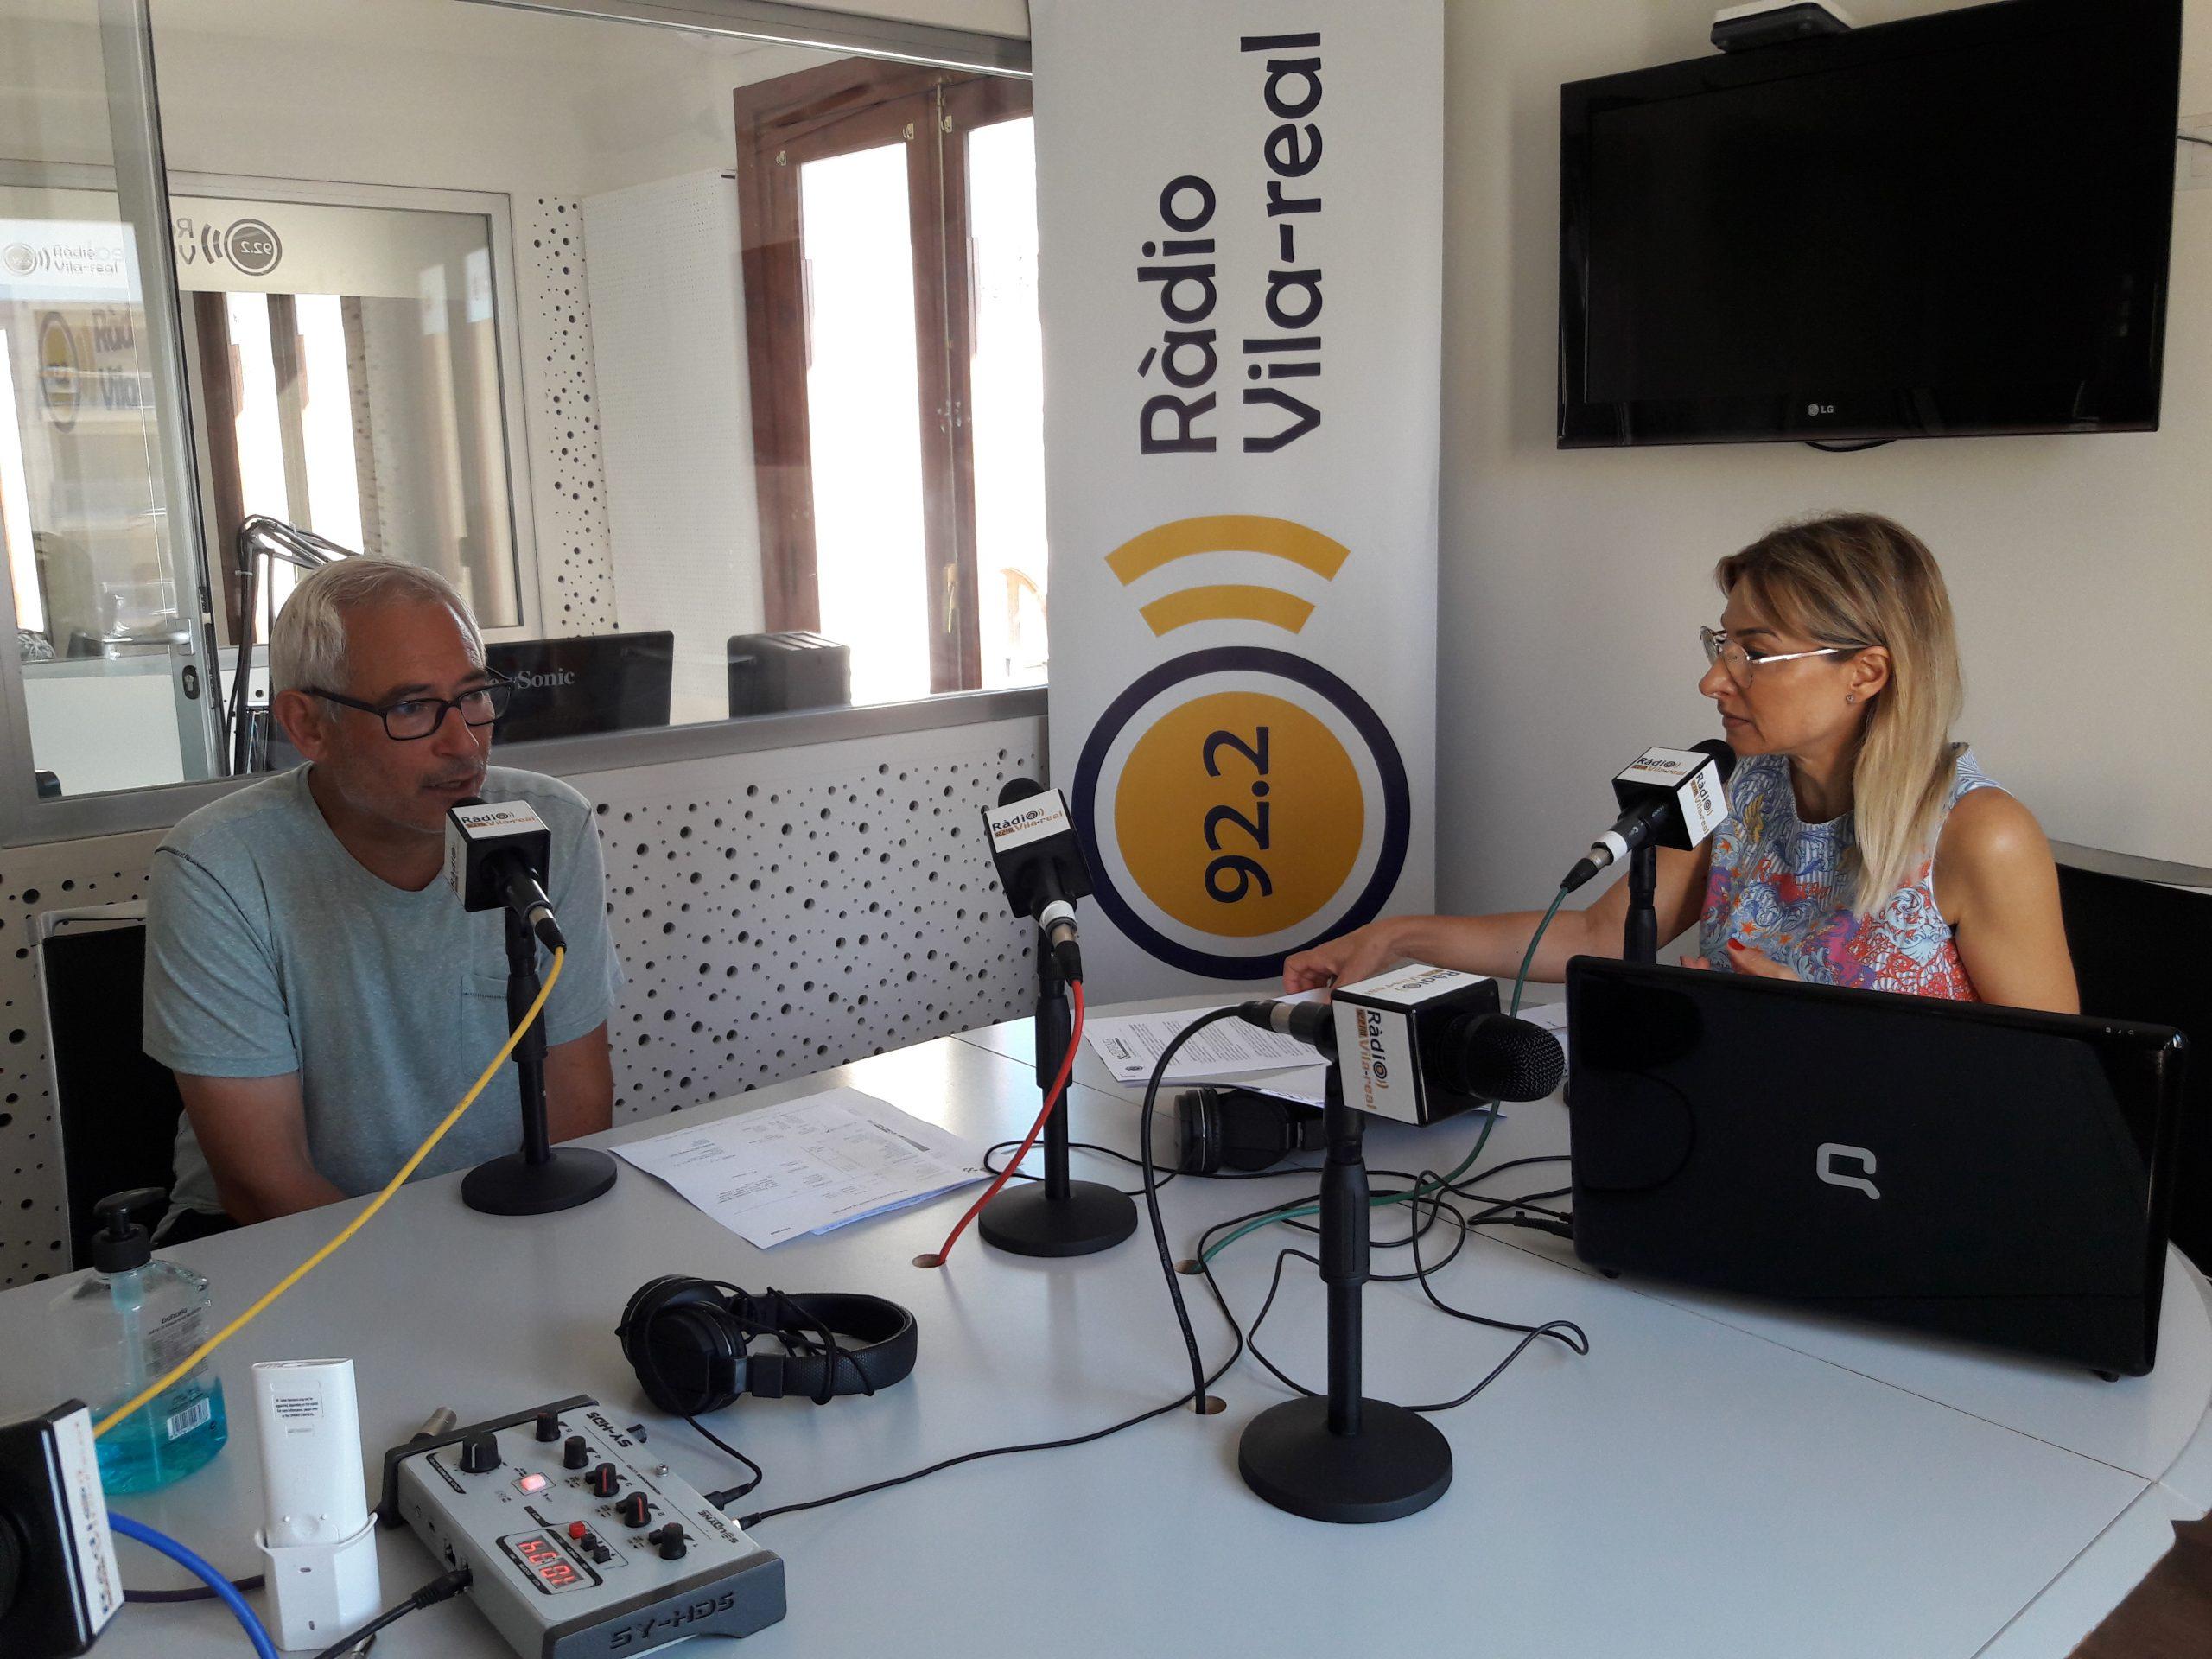 Entrevista al secretario provincial del sindicato SPPLB y miembro de la ejecutiva nacional, Cirilo Sanchís